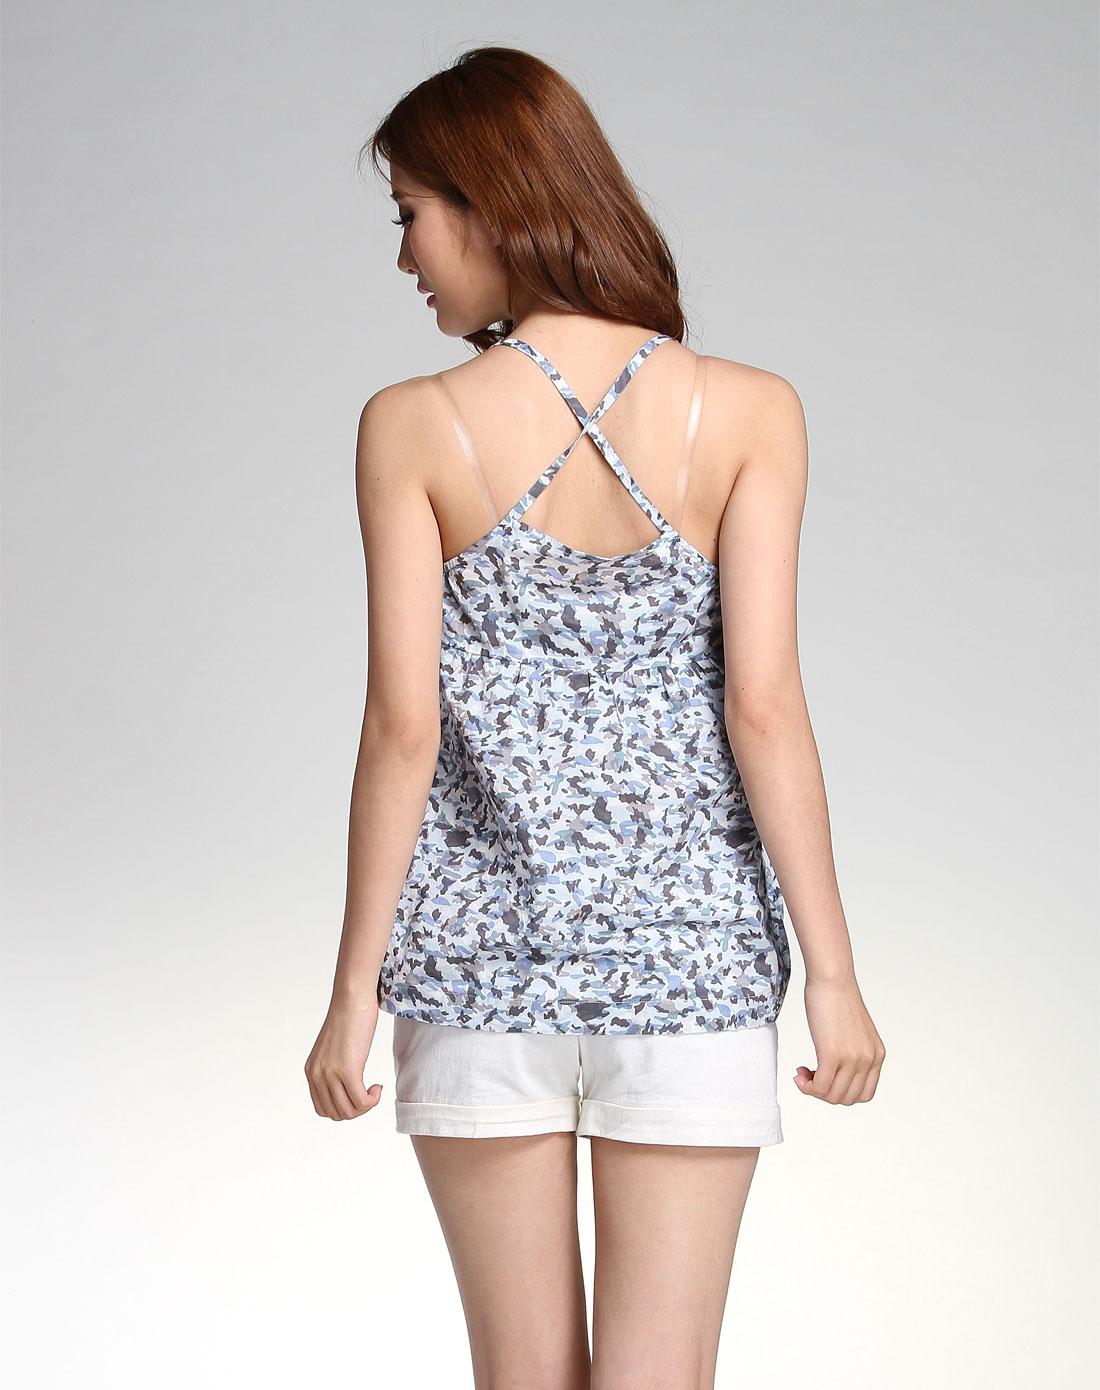 自然元素蓝色迷彩时尚吊带背心